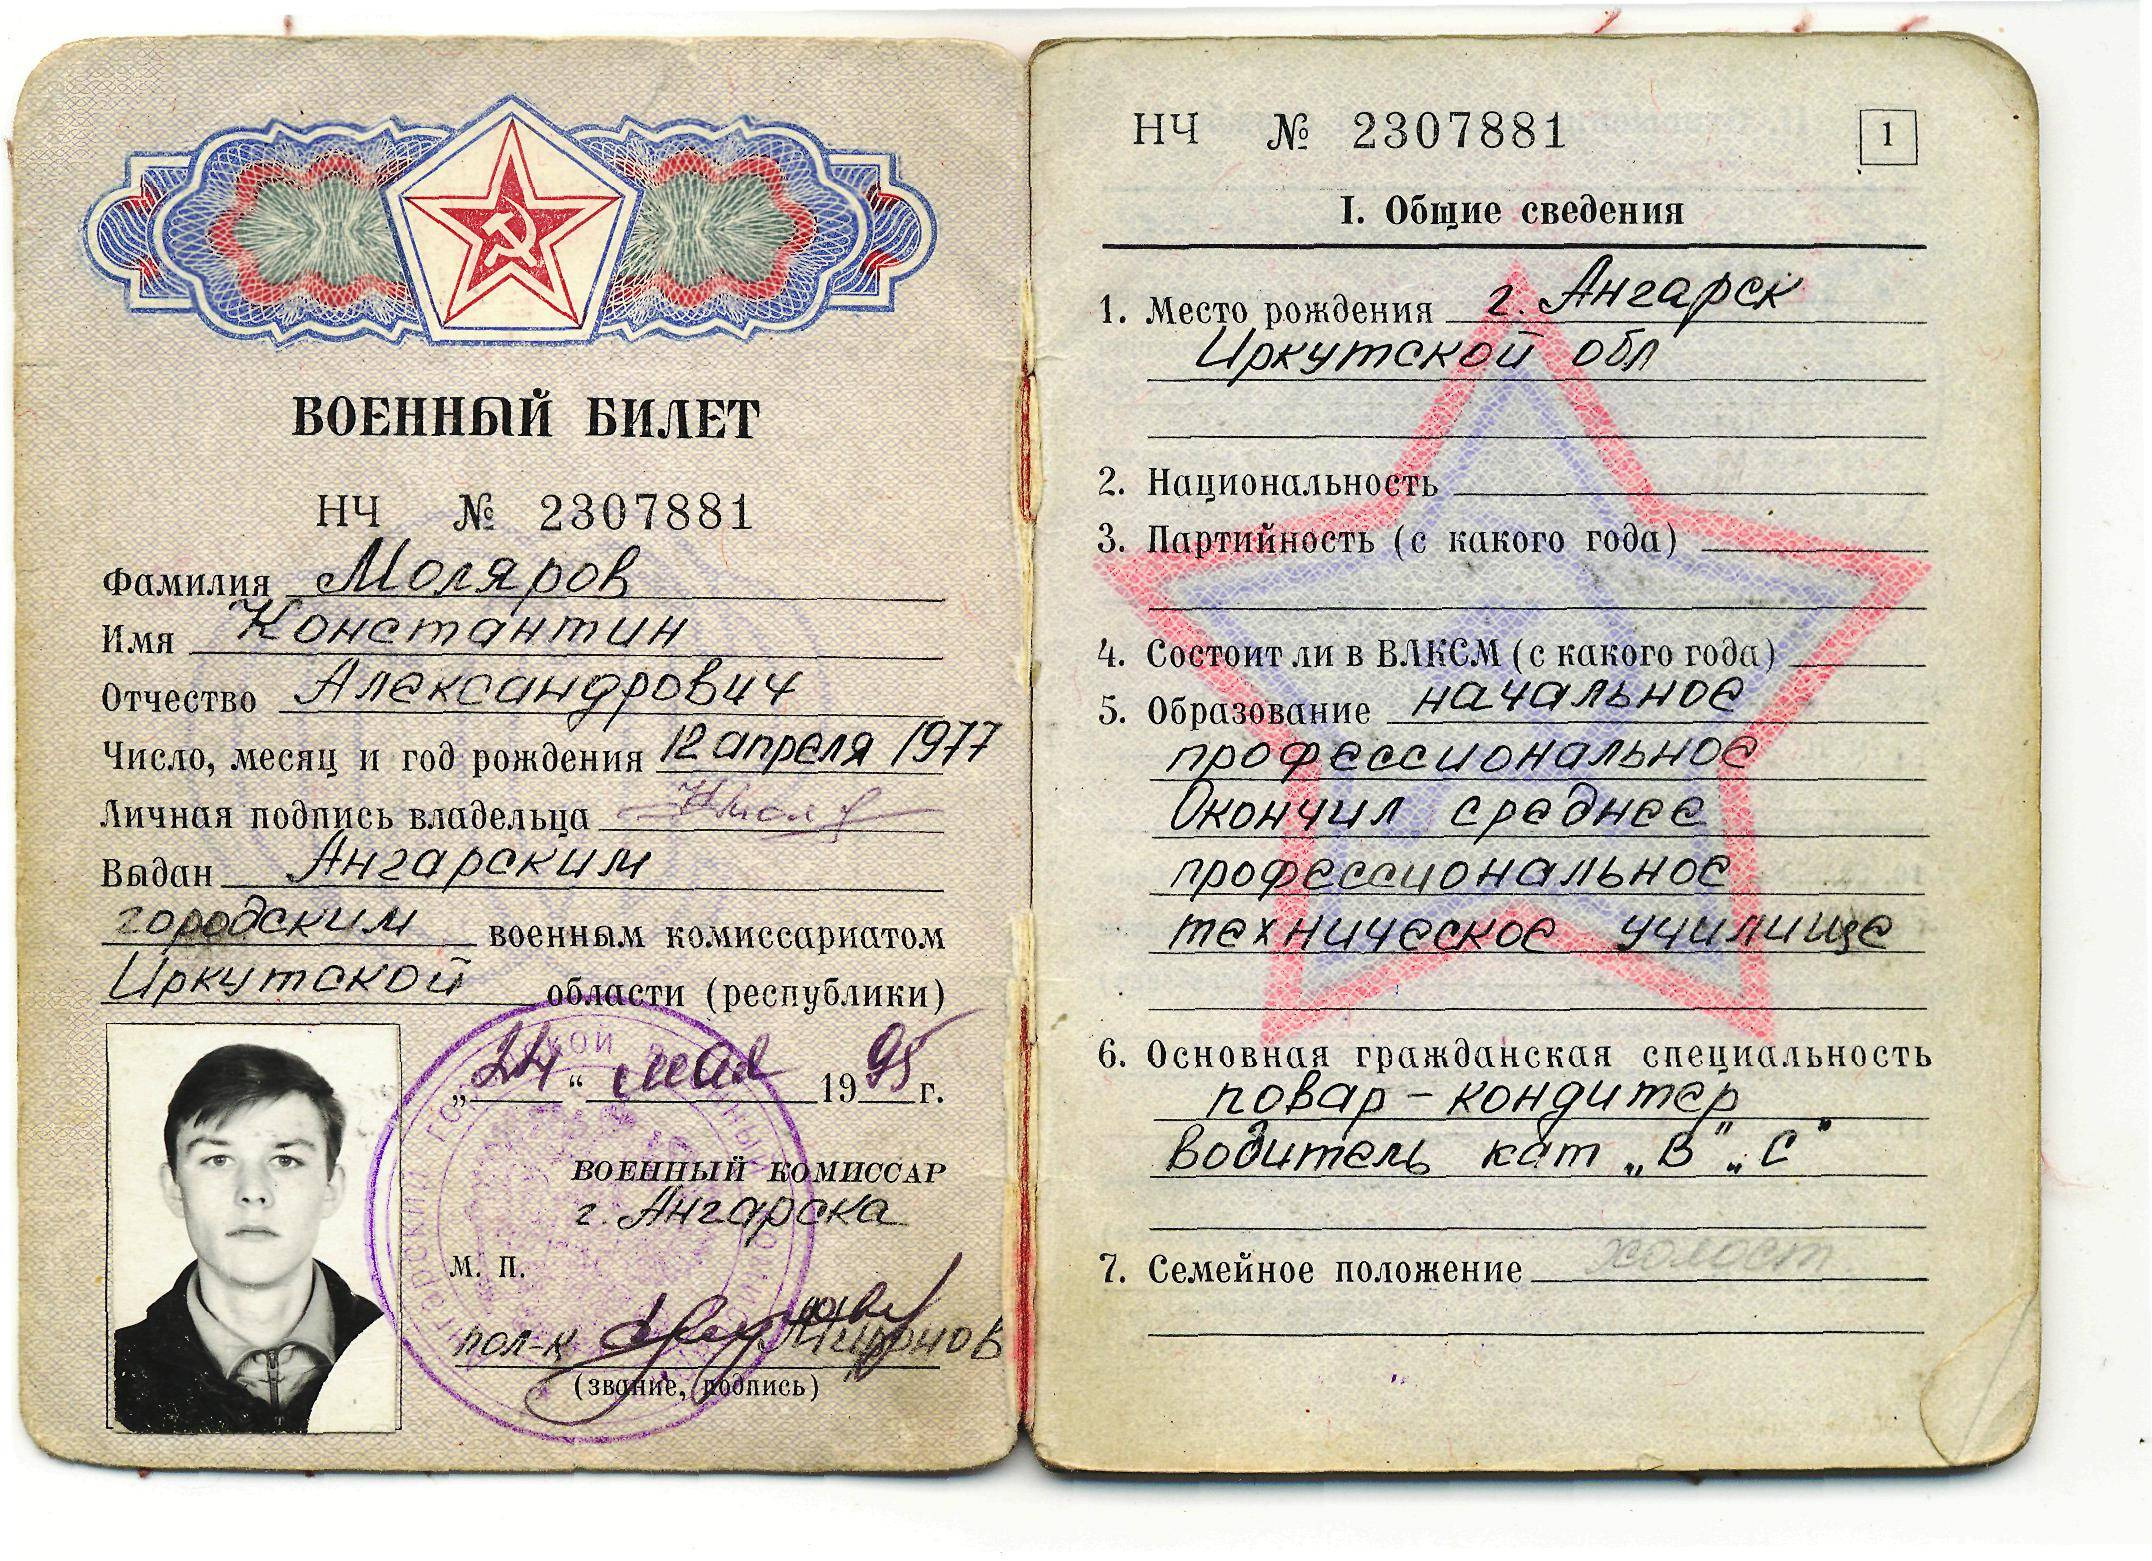 Получение военного билета после 27 лет: подводные камни